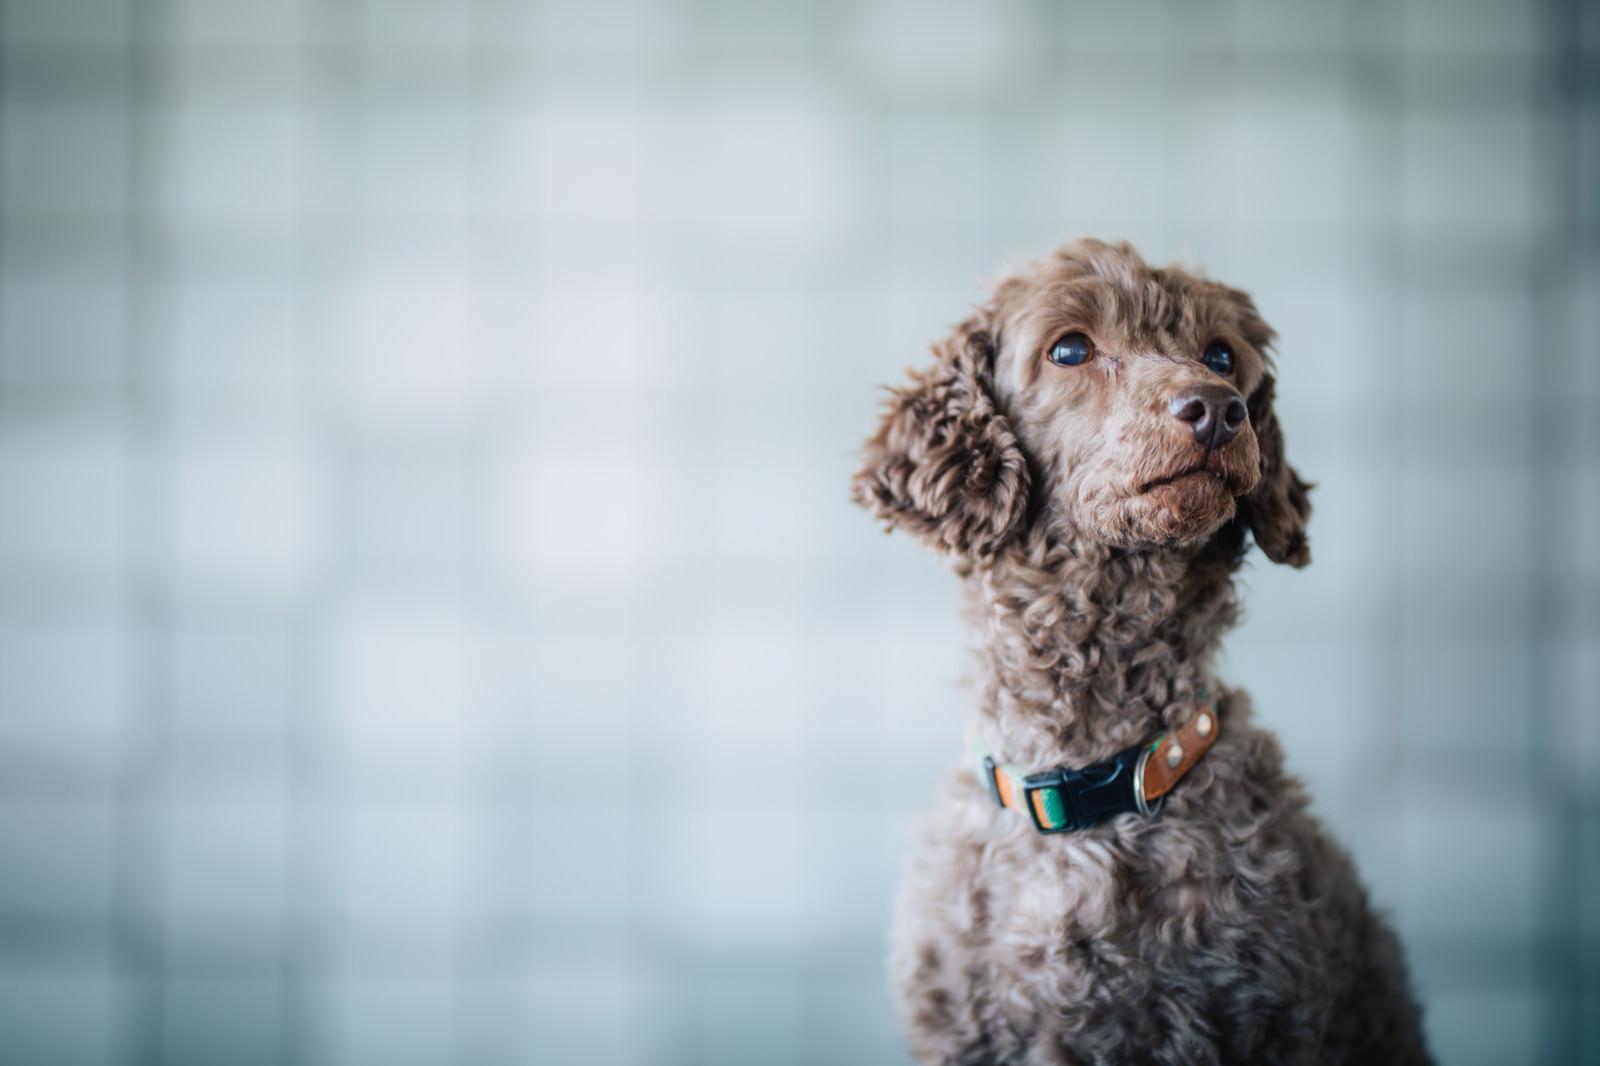 「不安そうな表情で辺を見回す犬不安そうな表情で辺を見回す犬」のフリー写真素材を拡大